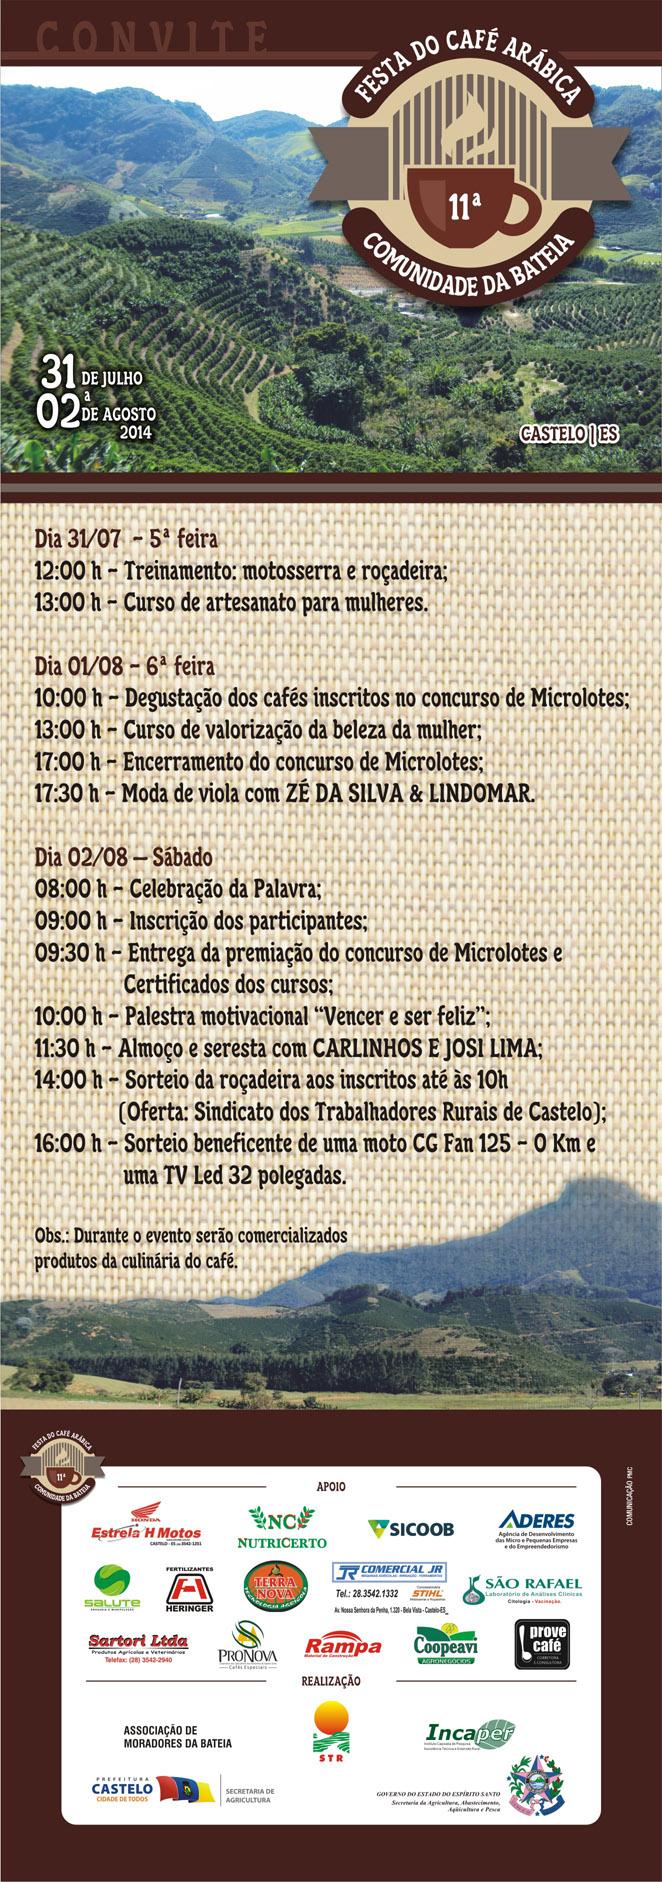 Festa Café Arábica Bateia 20141